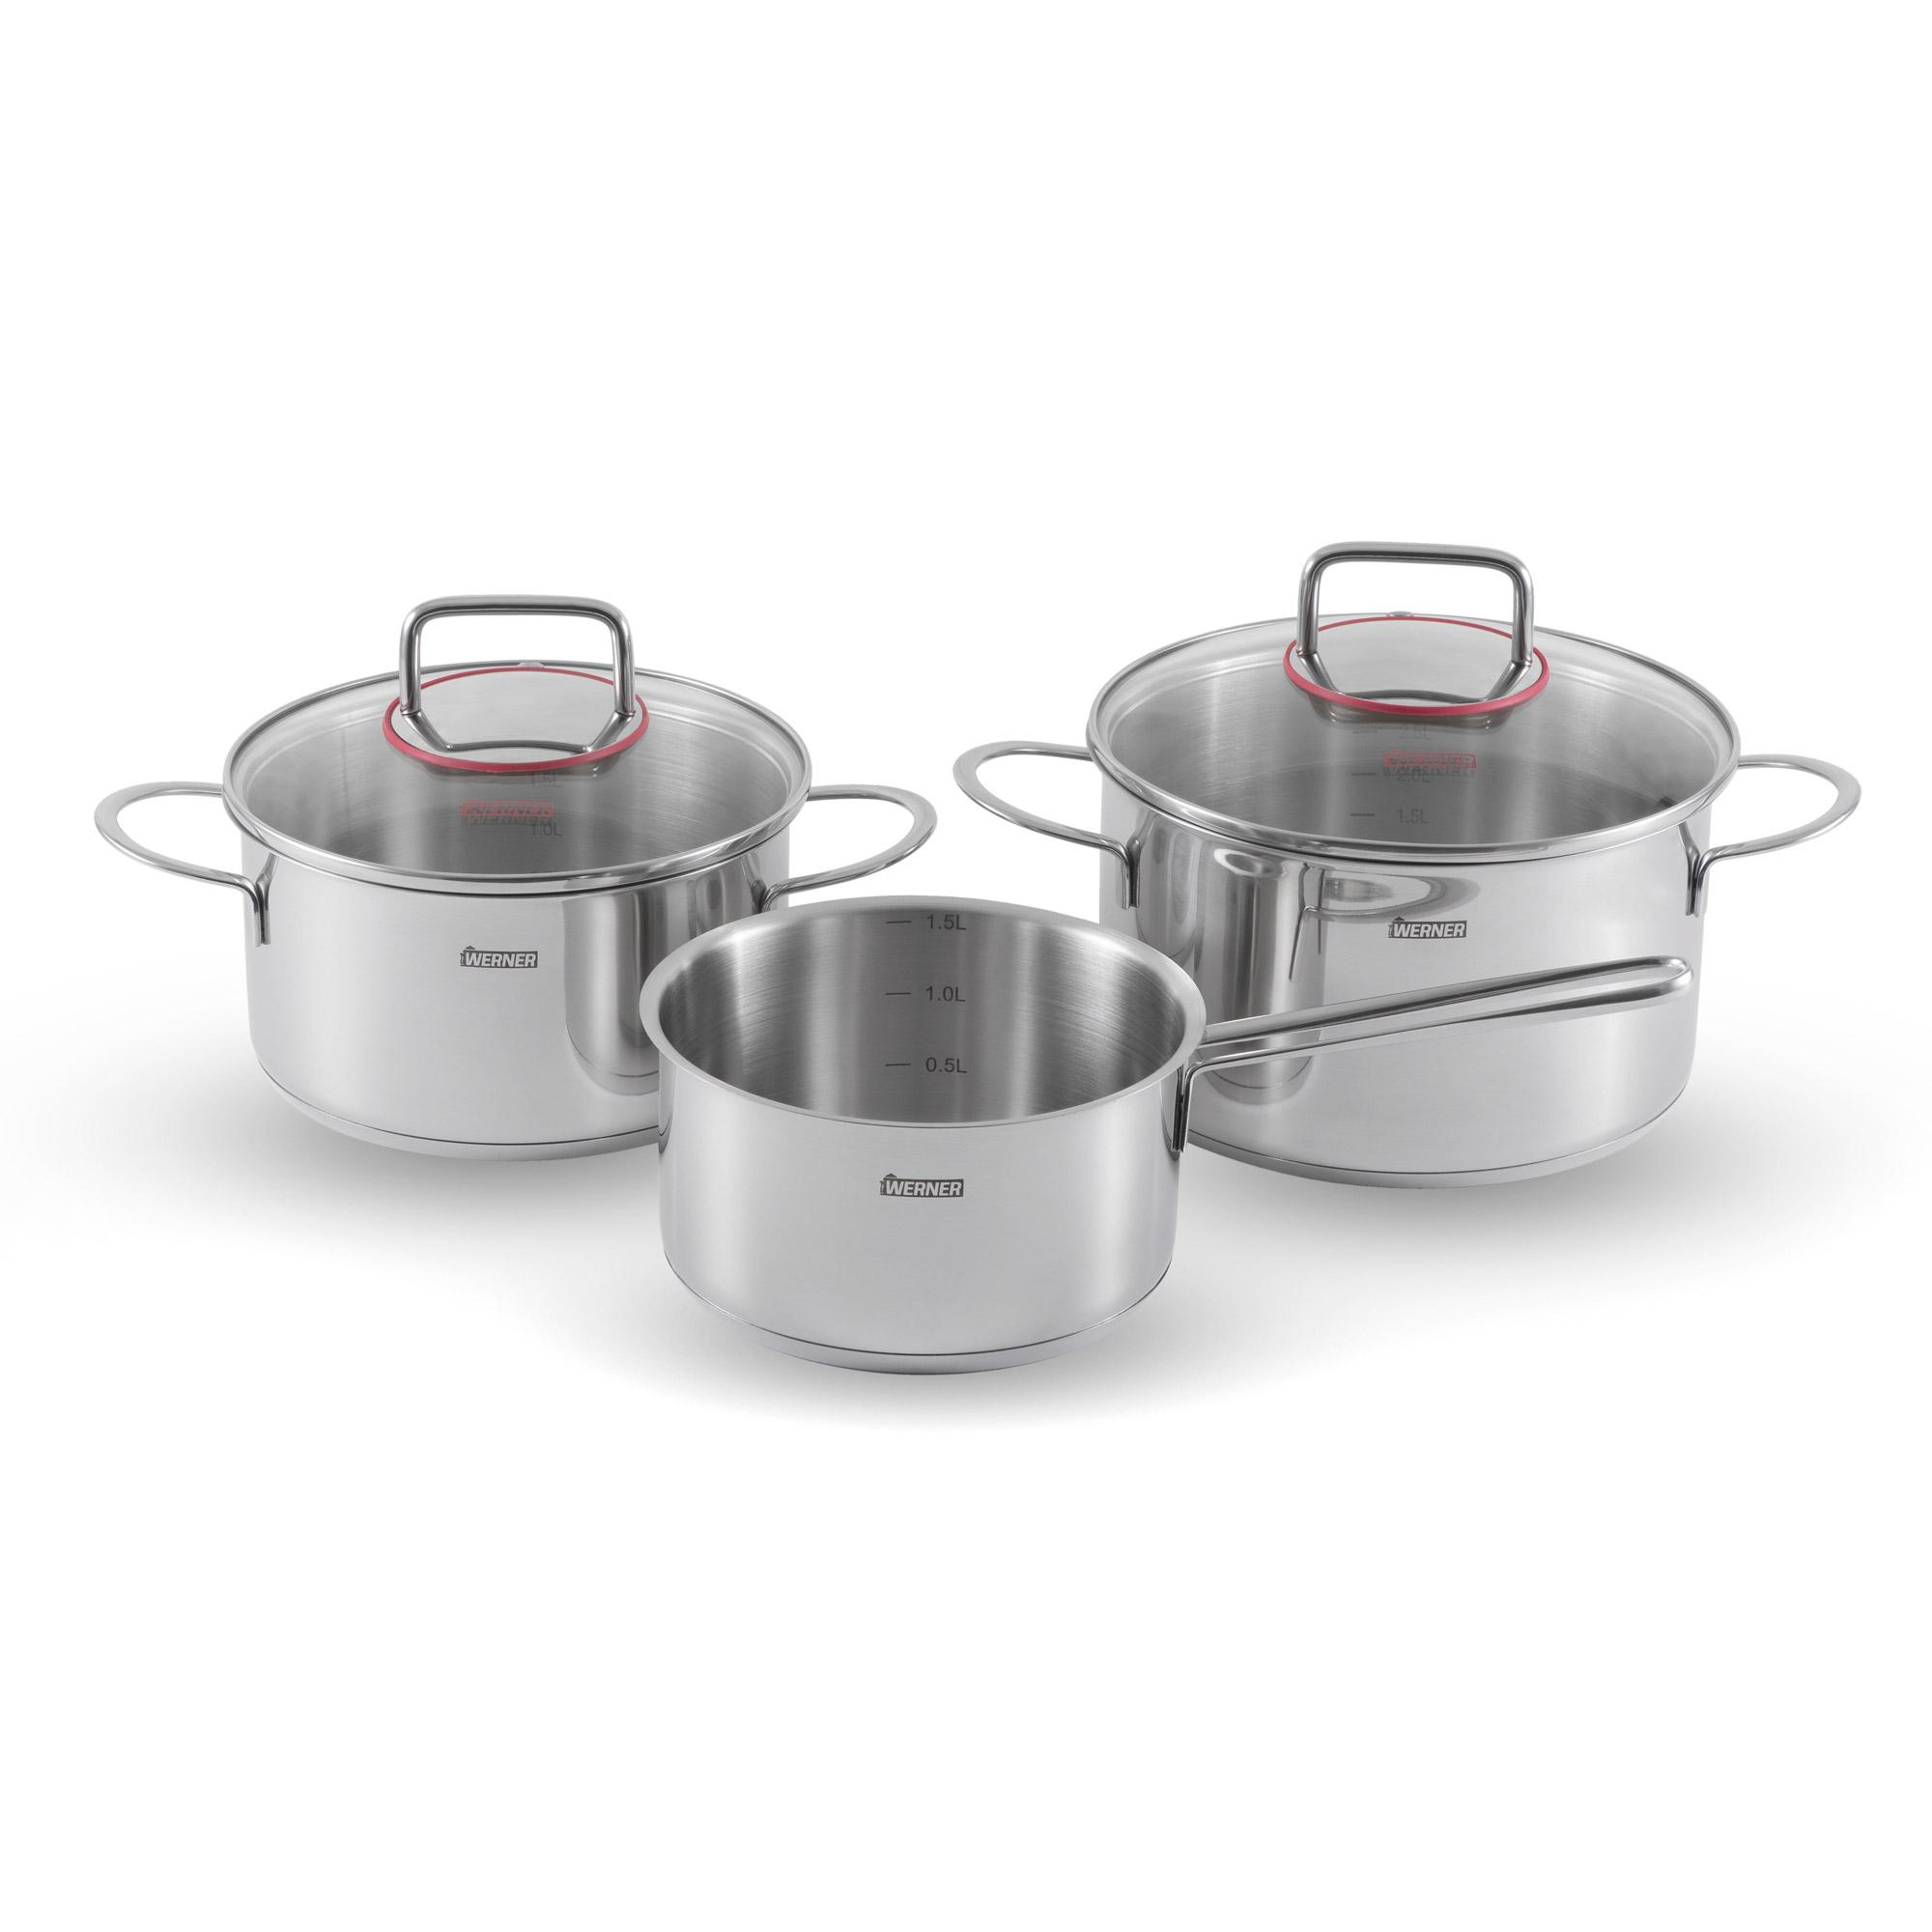 Набор посуды Werner Como 5 предметов 1,7/2,4/3,6 л набор посуды werner ingrid 8 предметов